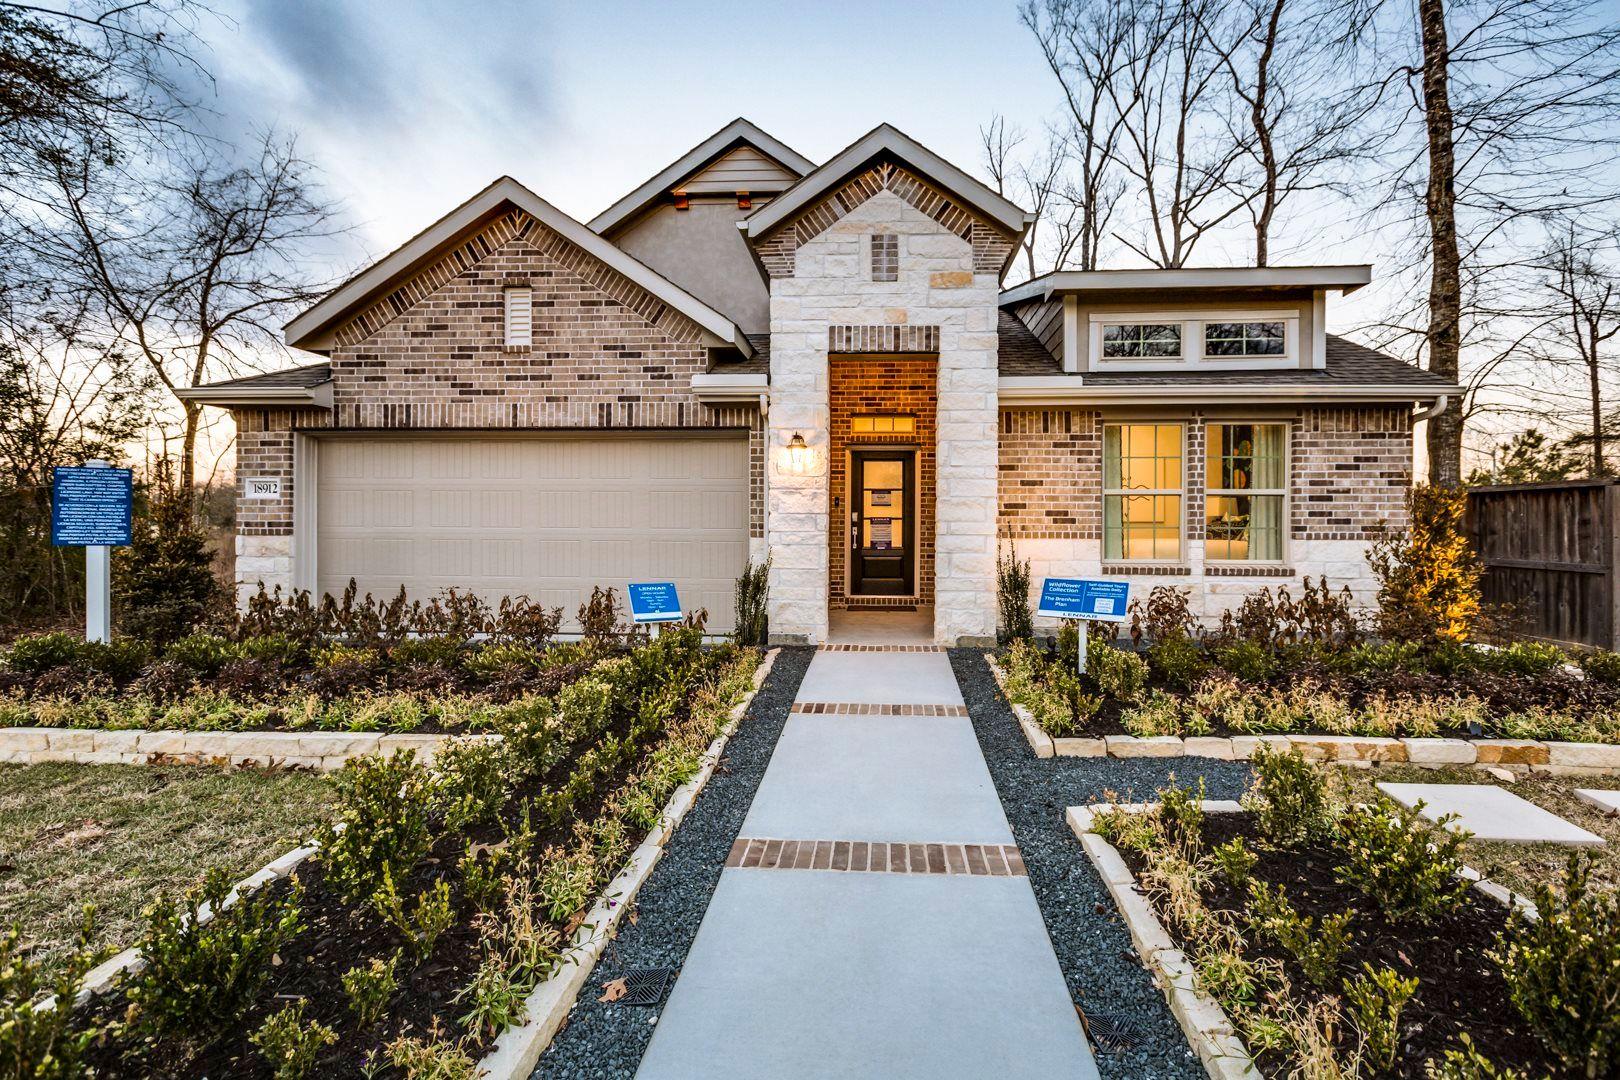 The Brenham Home